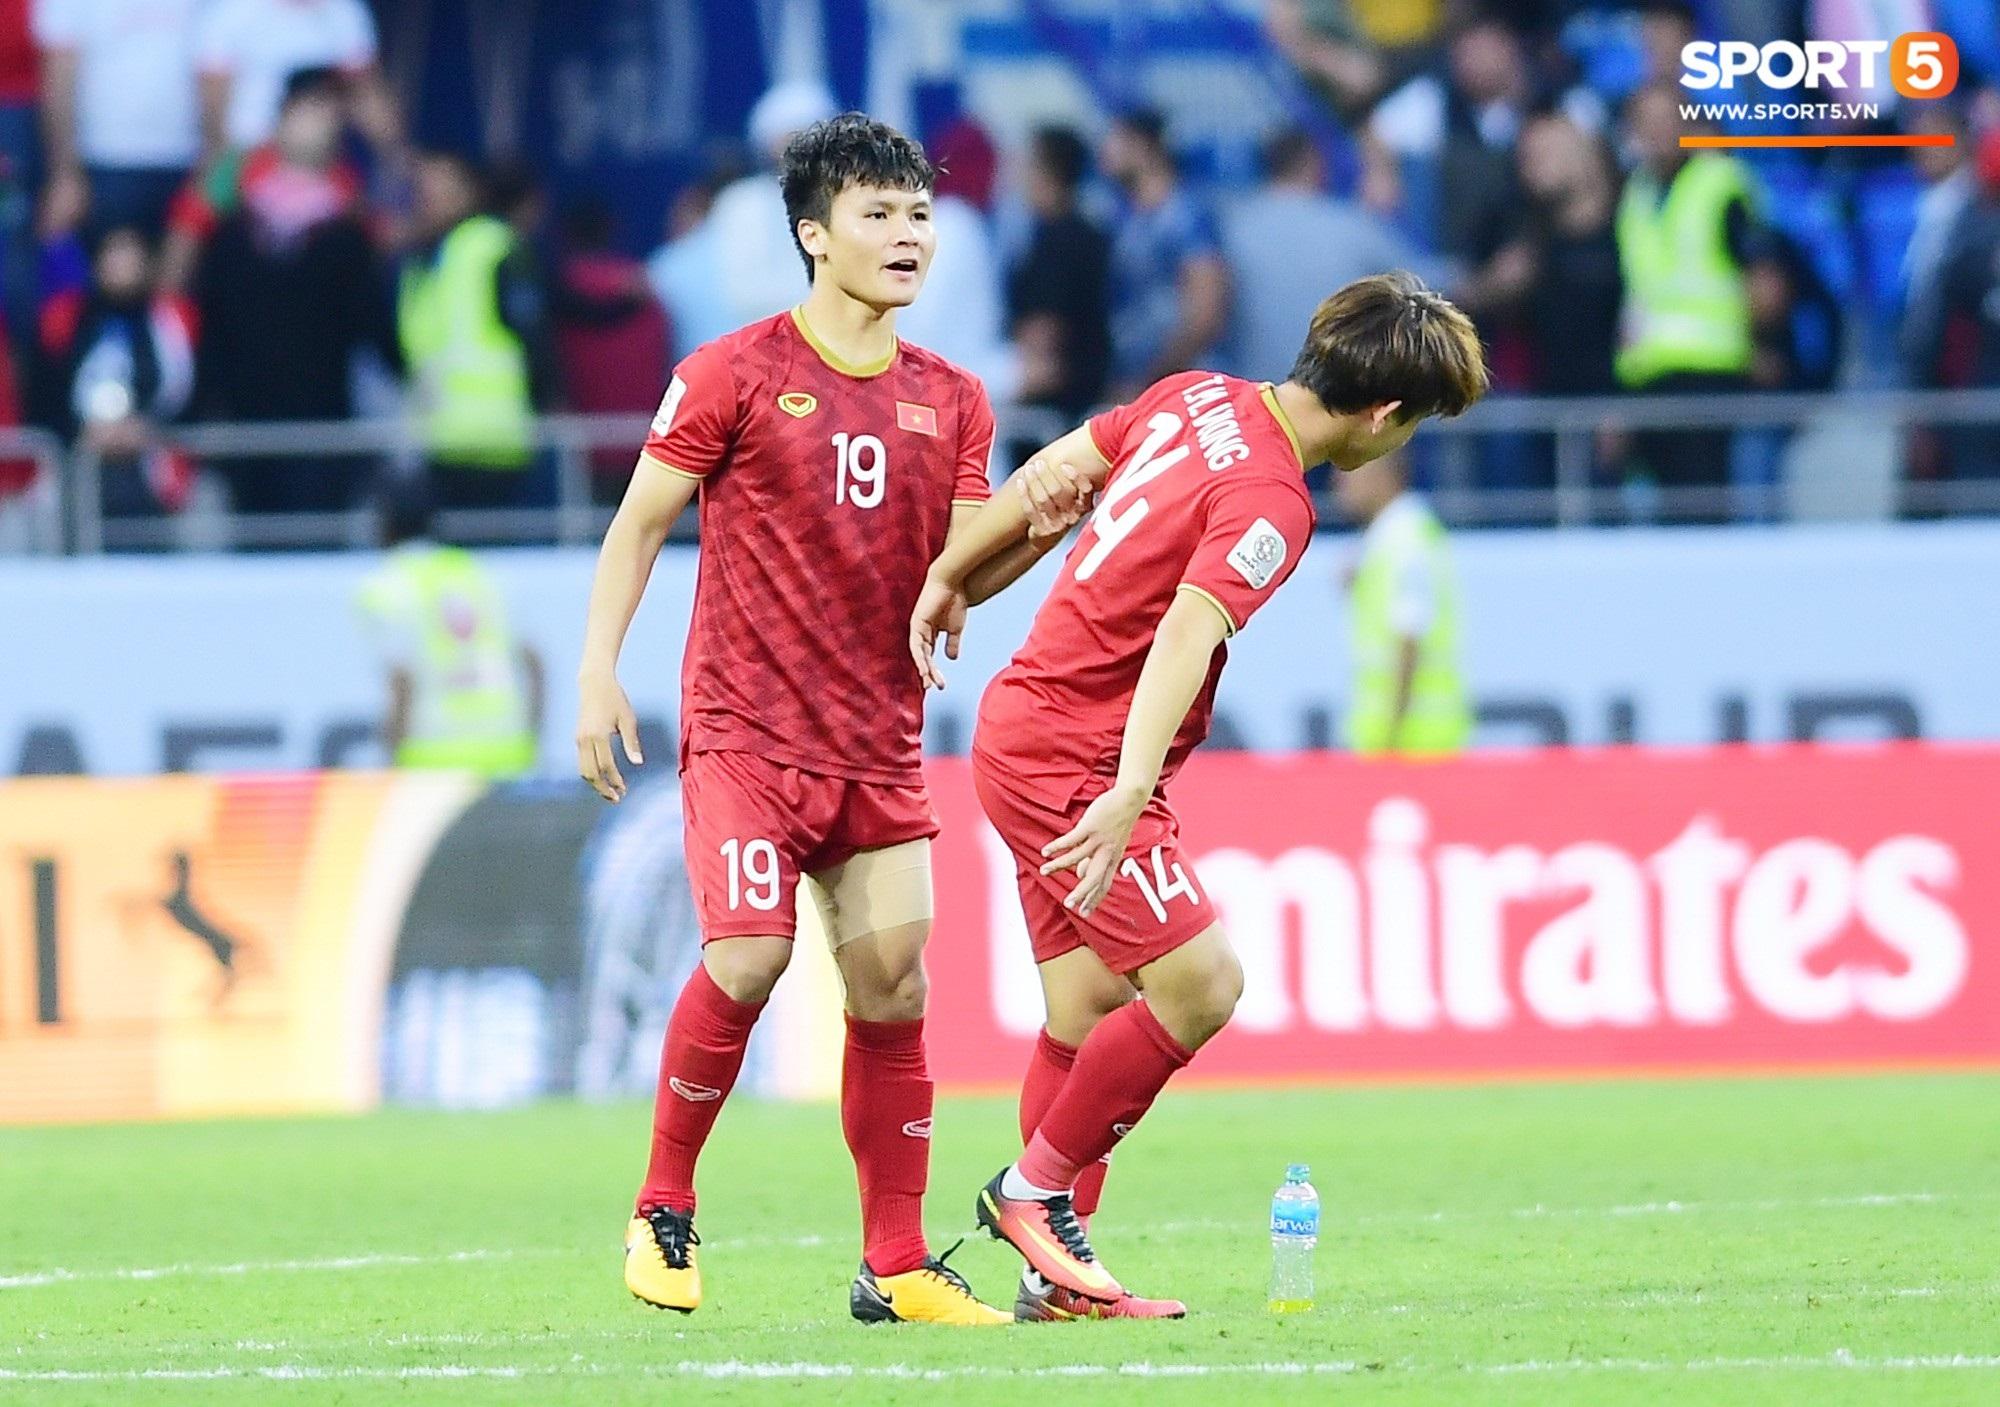 Đáng thương hình ảnh cầu thủ Jordan gục đầu khóc sau quả luân lưu định mệnh của Tư Dũng - Ảnh 14